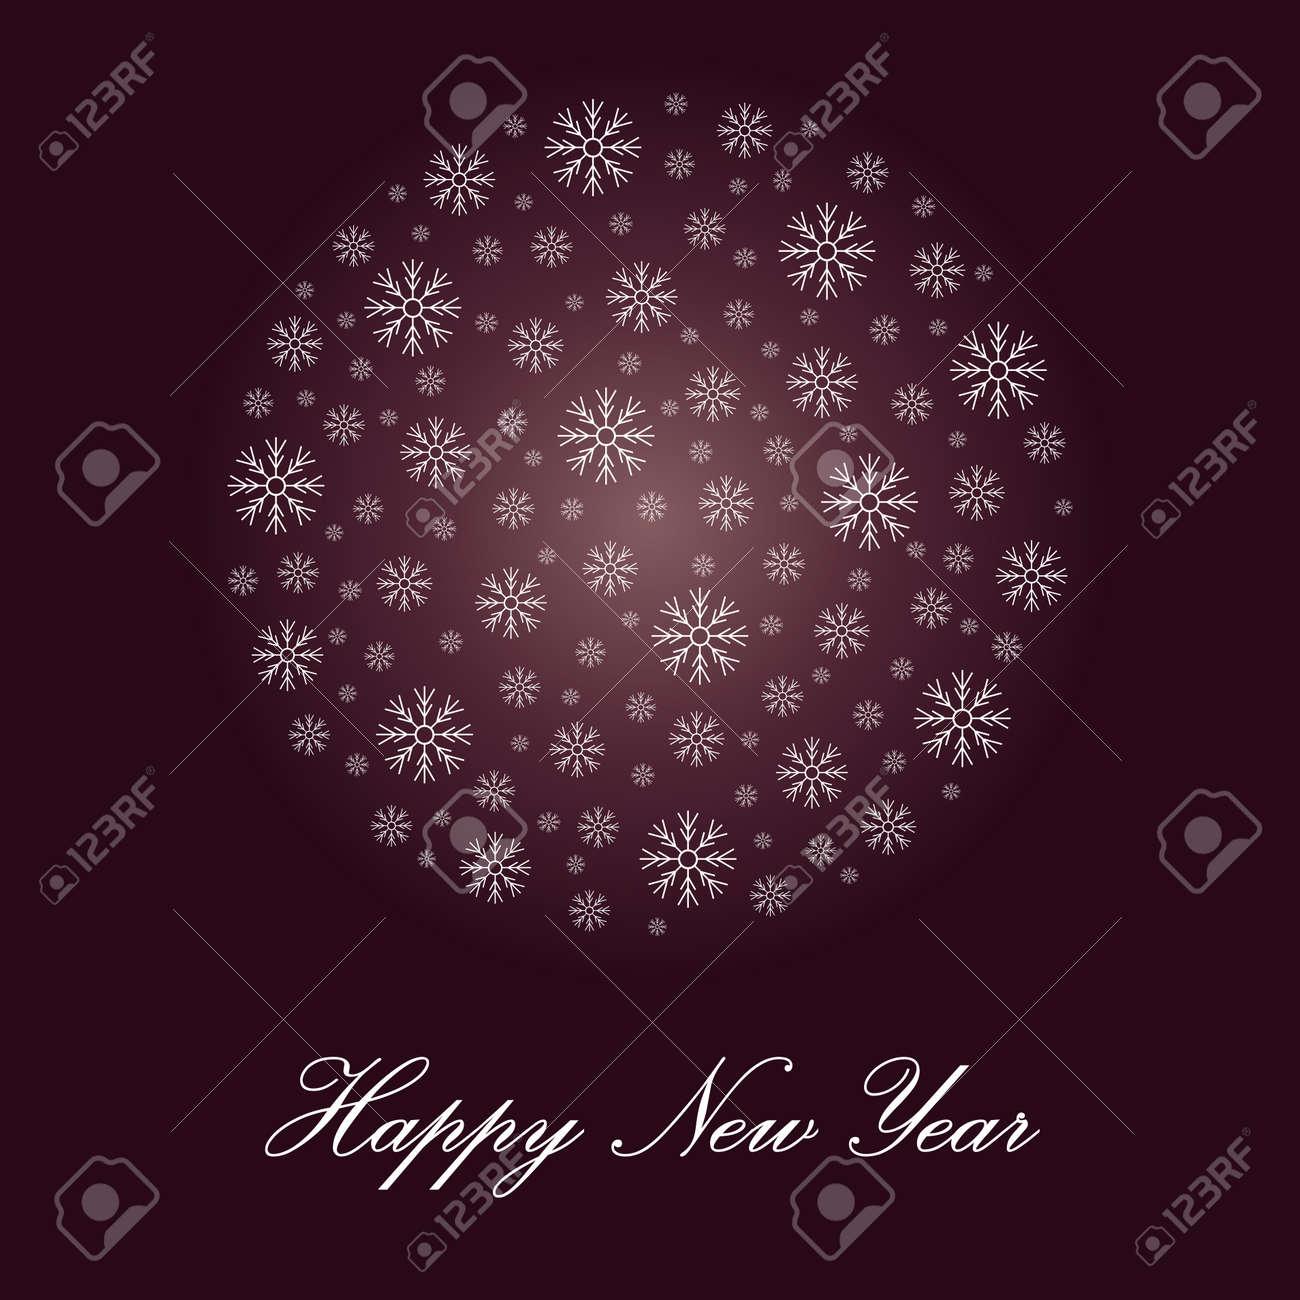 Vorlage Für Grüße Frohes Neues Jahr Lizenzfrei Nutzbare ...